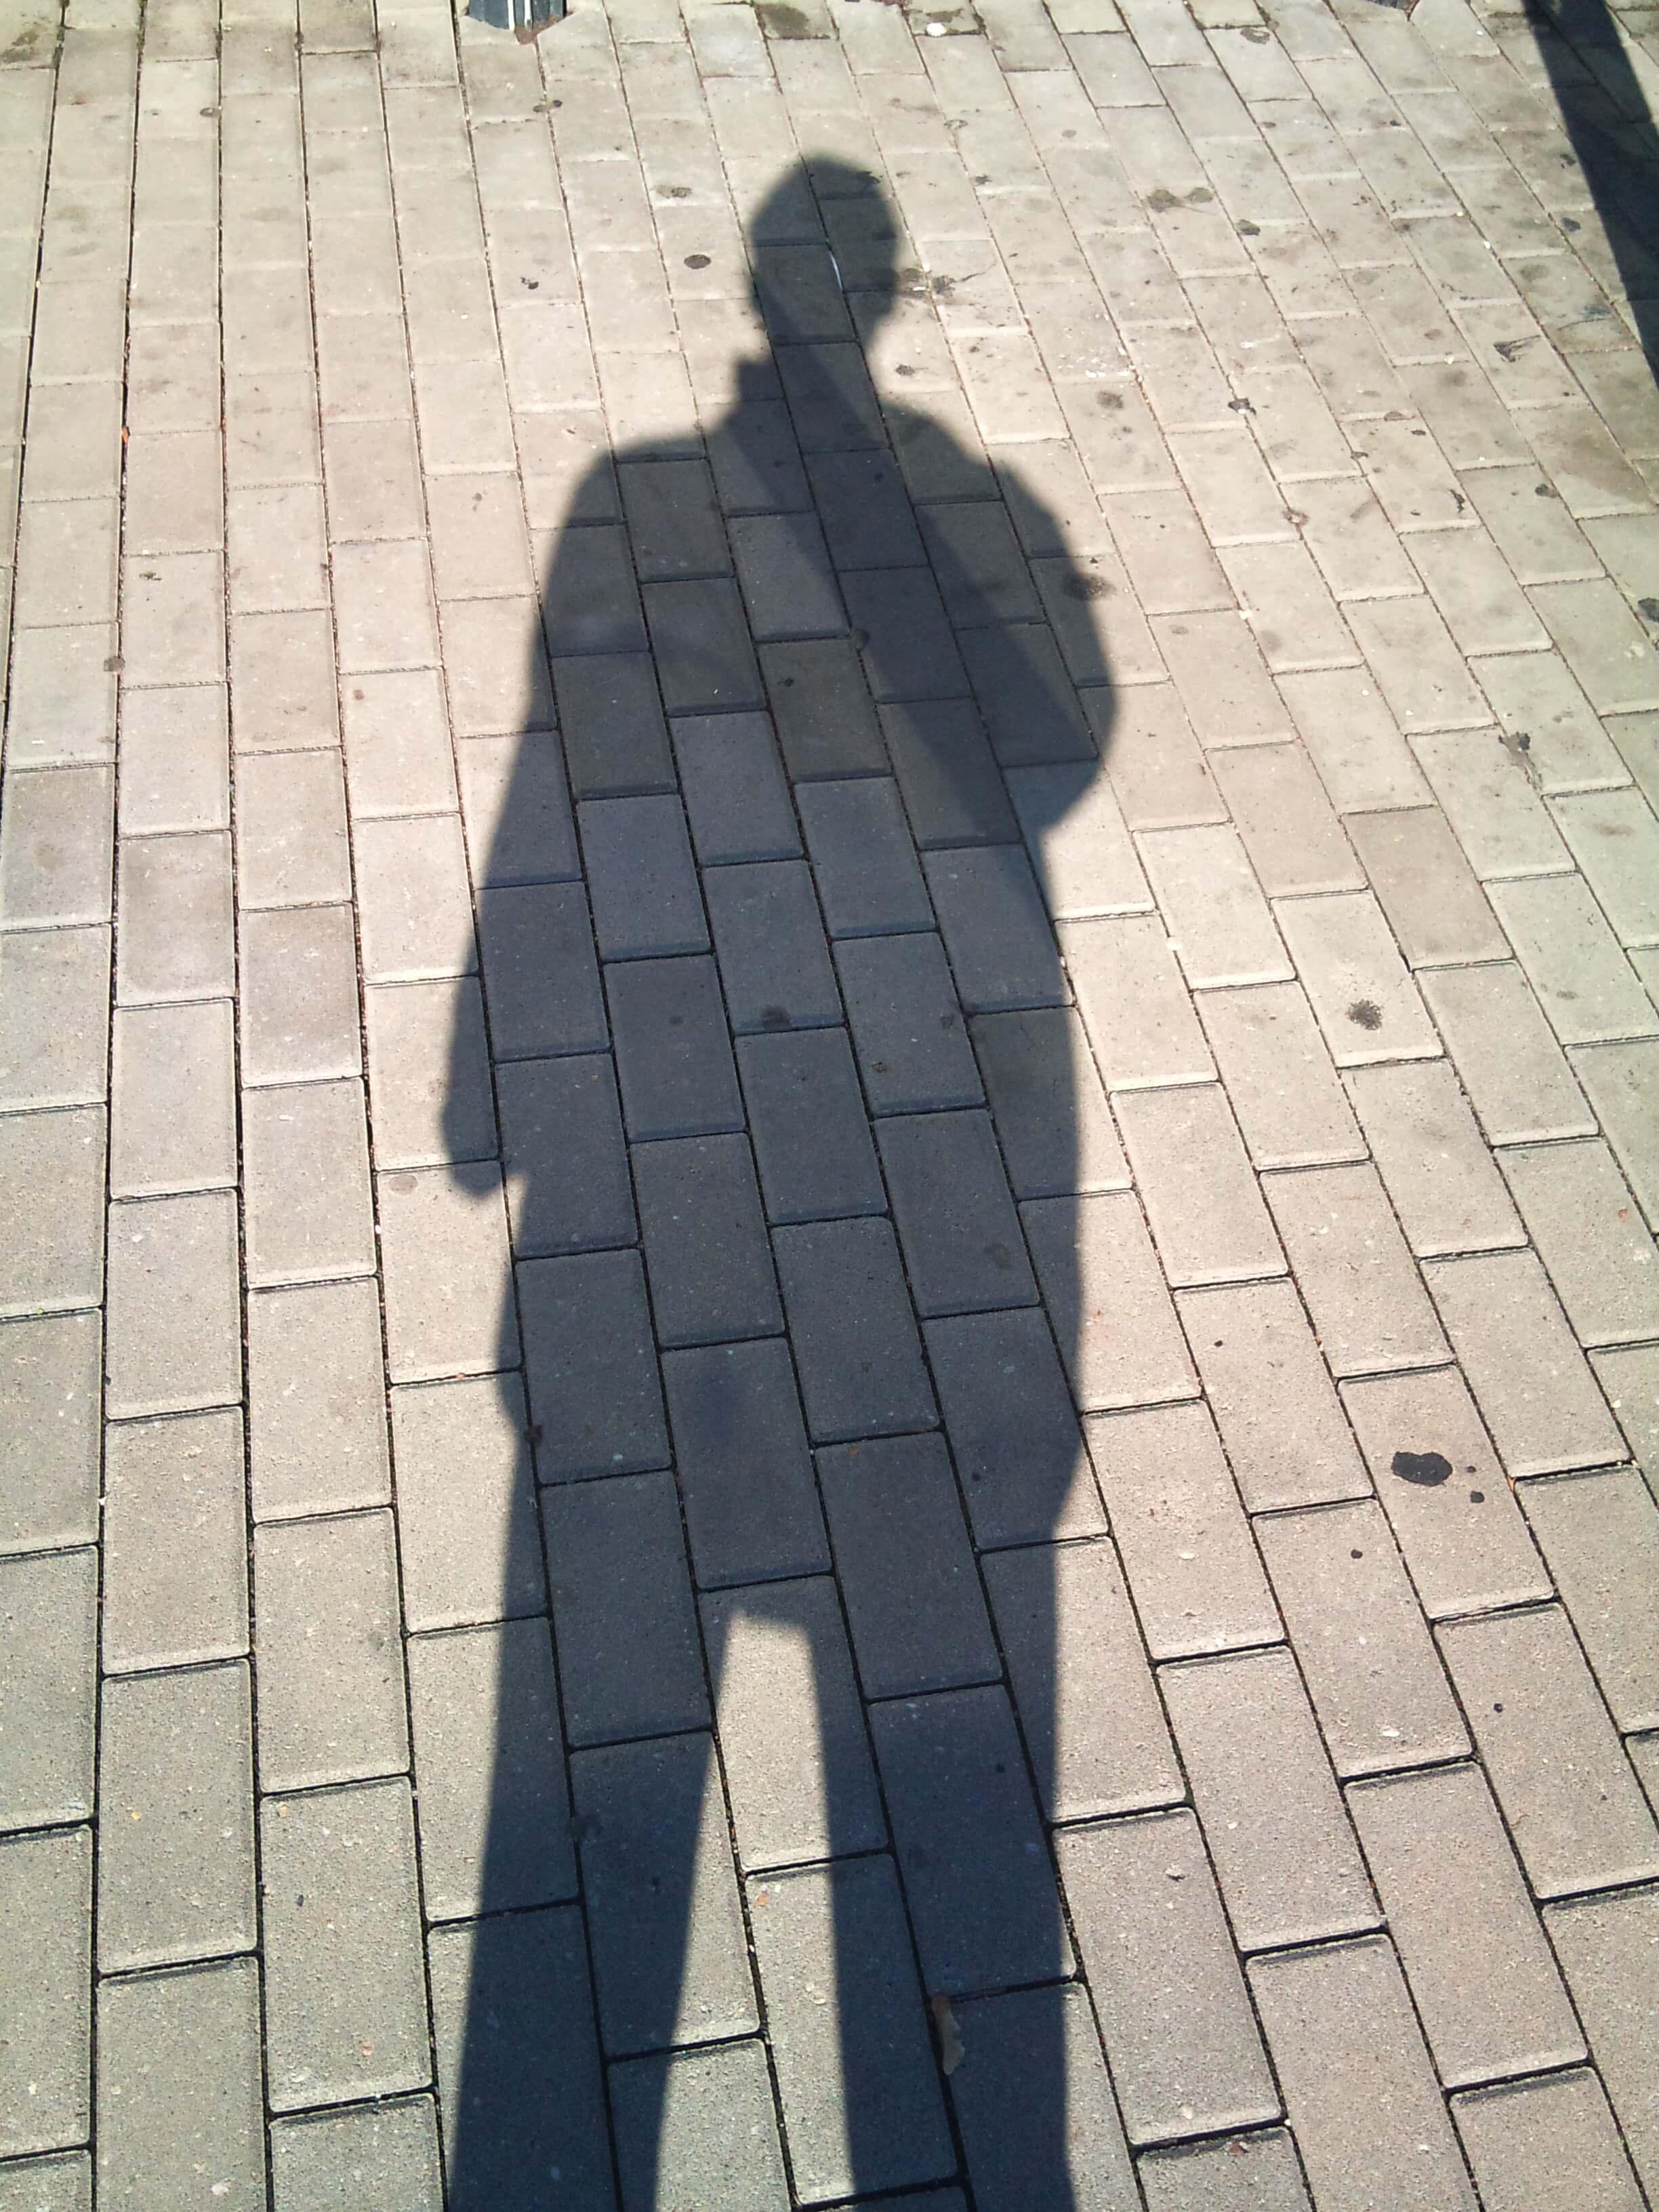 Depression Schatten eines Mannes (c) familienfreund.de